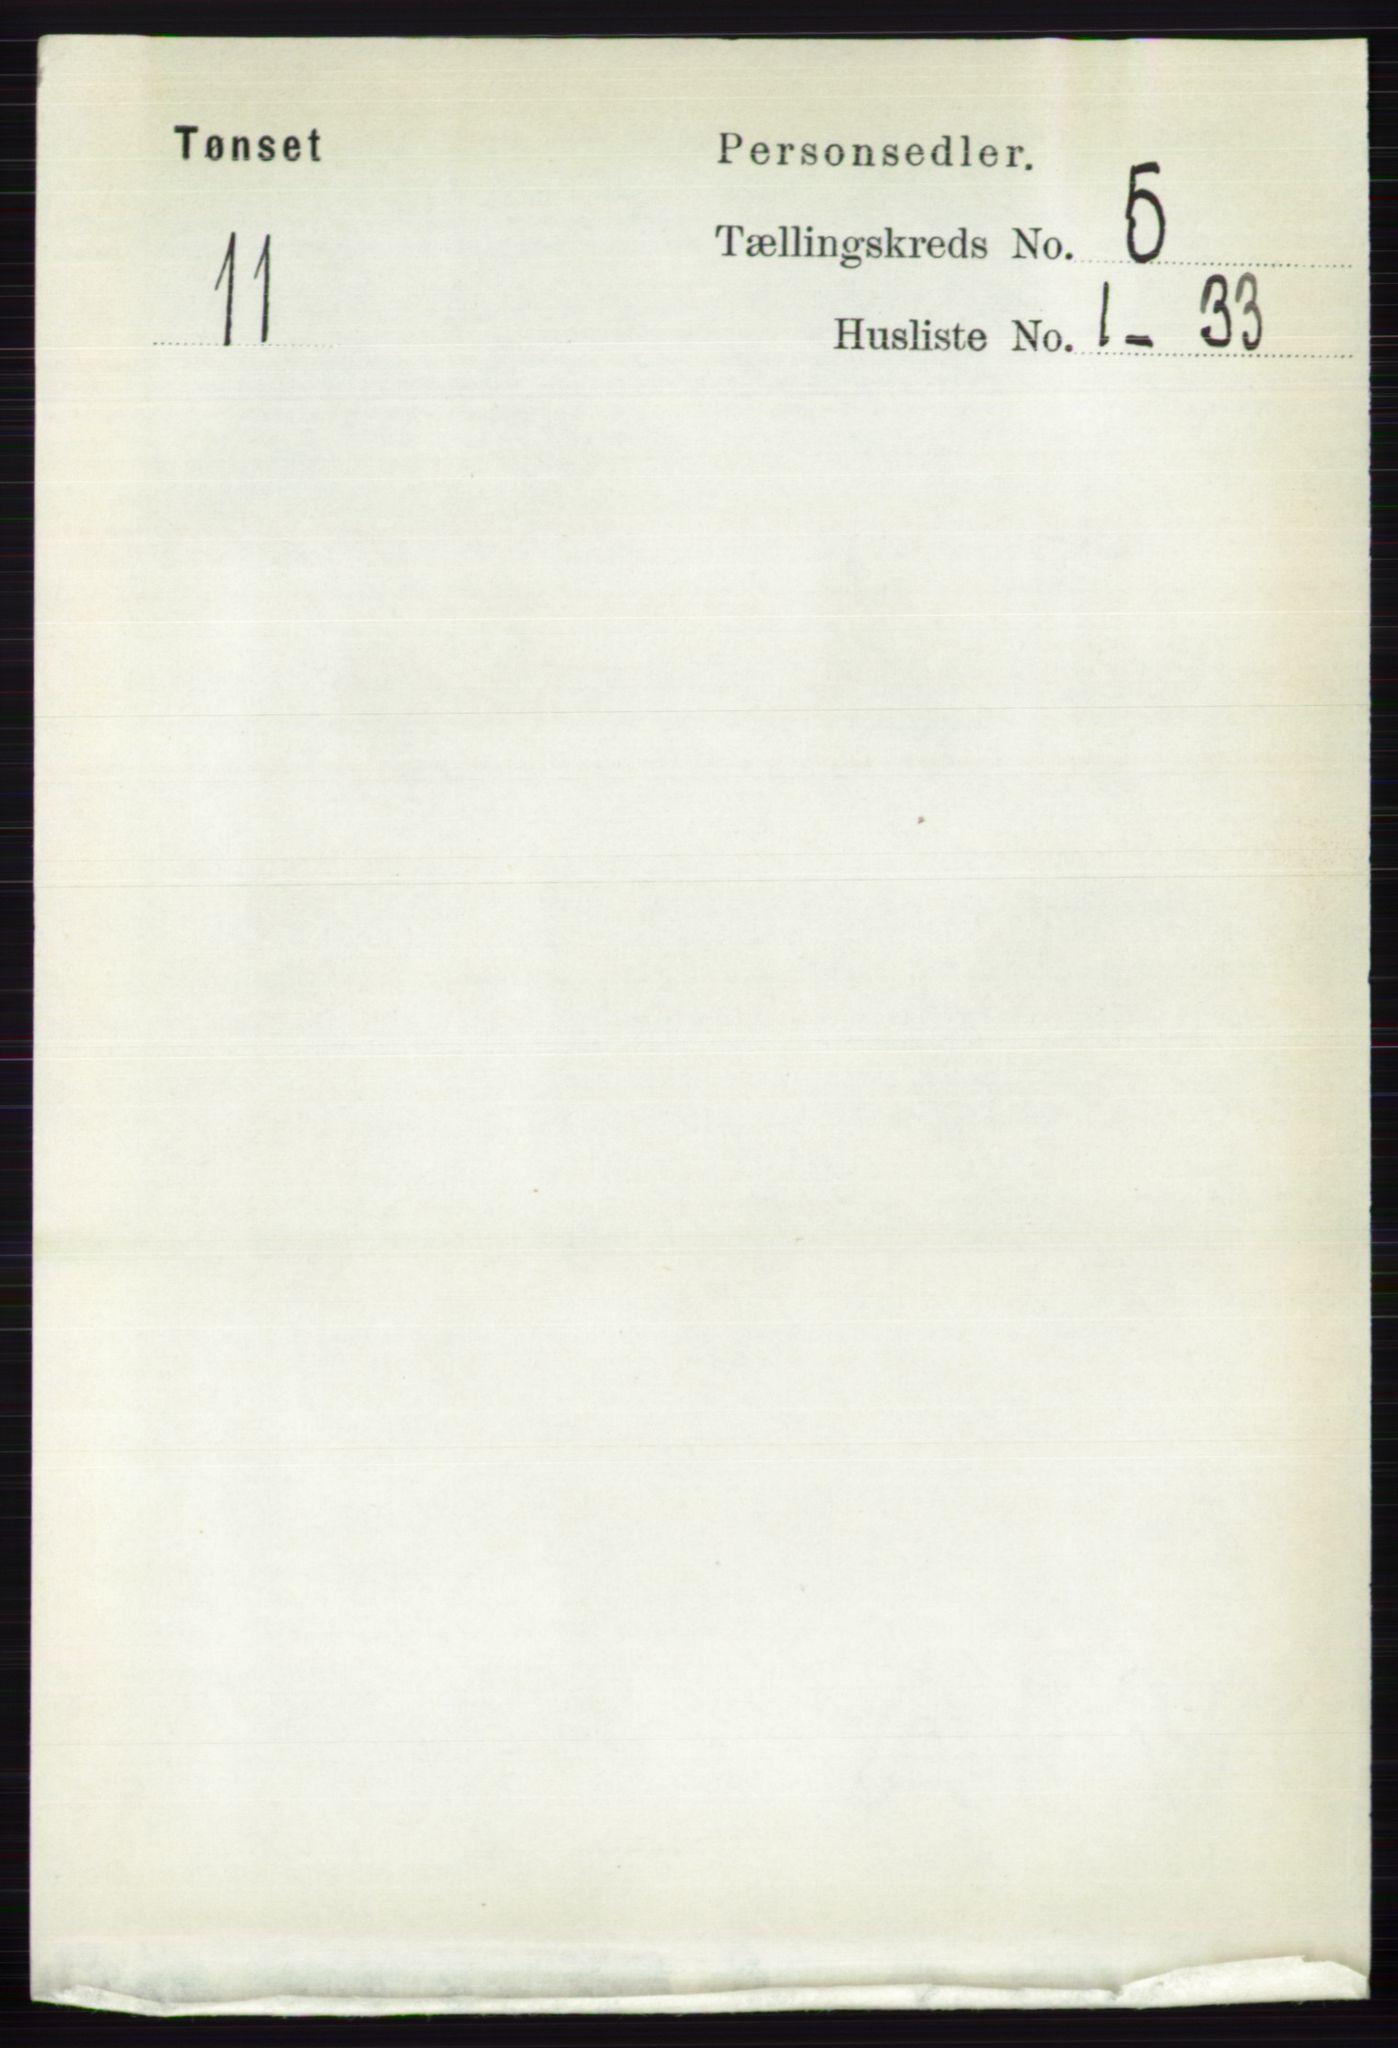 RA, Folketelling 1891 for 0437 Tynset herred, 1891, s. 1077